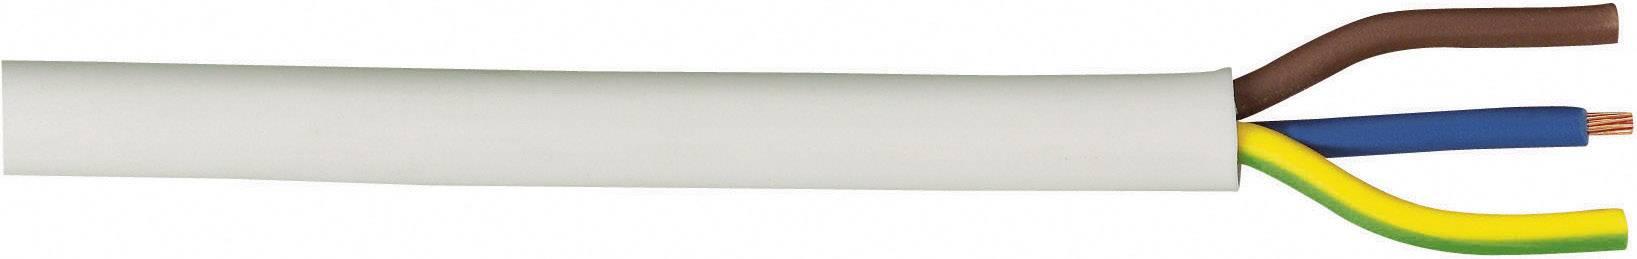 Vícežílový kabel LappKabel H05VV-F, 49900078, 3 G 1.50 mm², bílá, 20 m